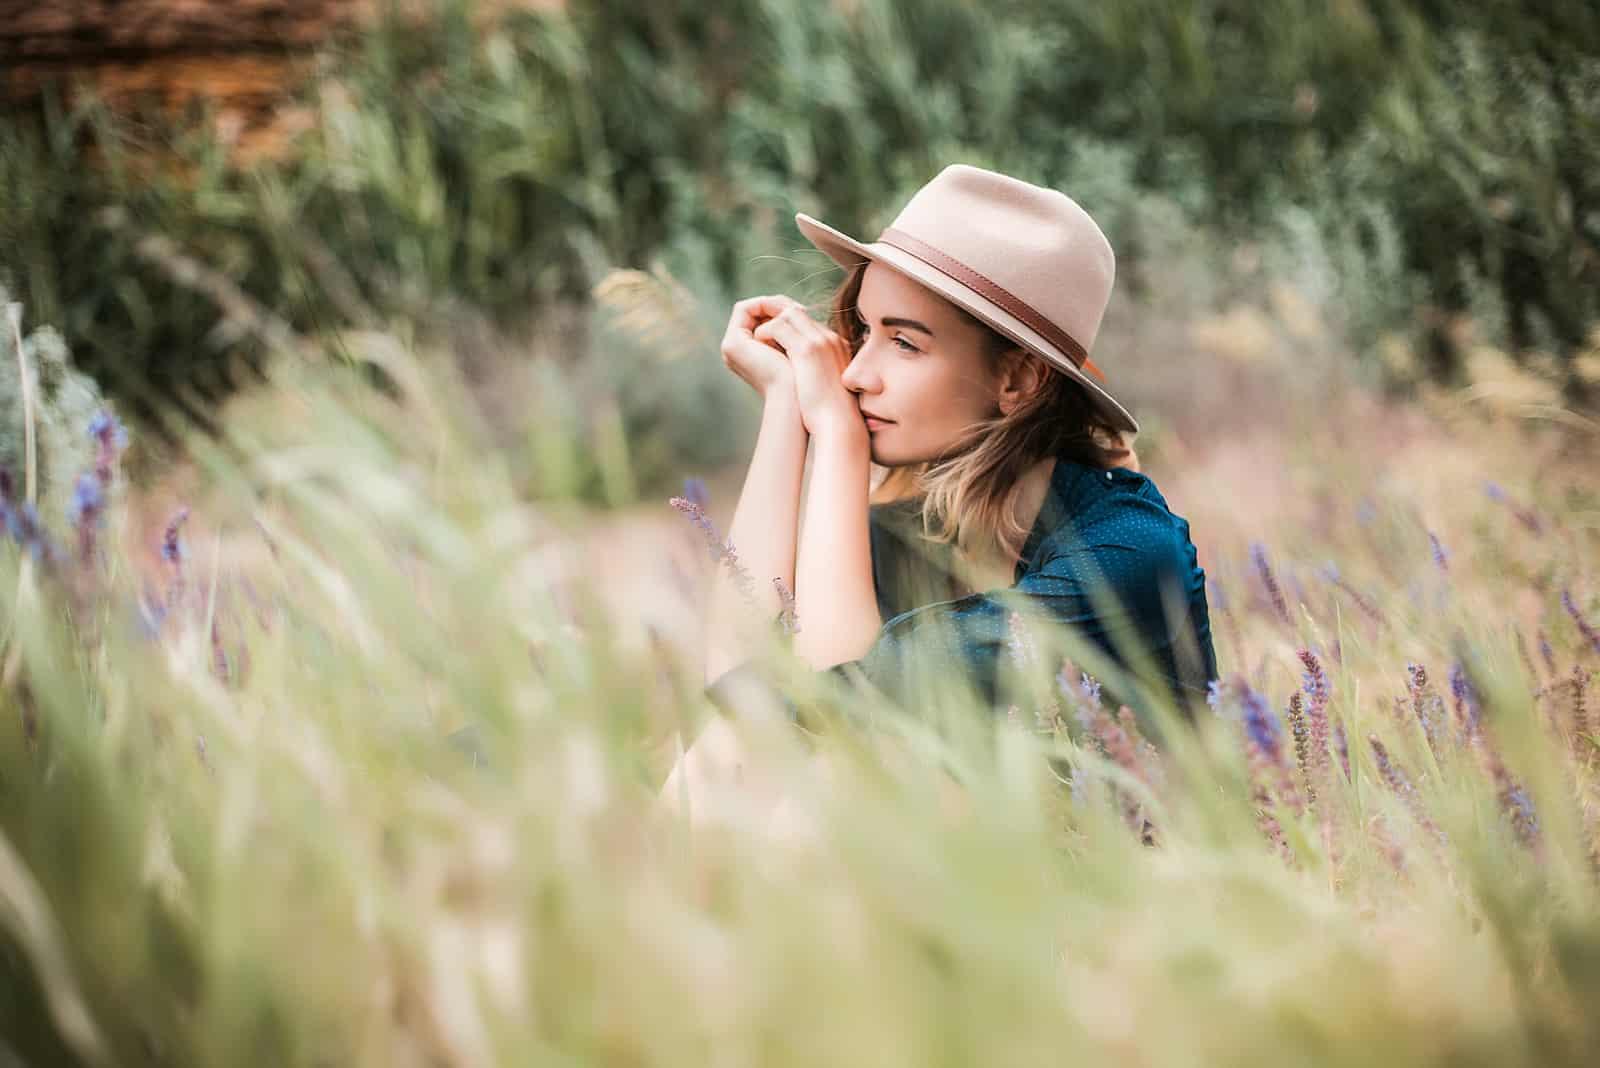 une femme imaginaire avec un chapeau sur la tête est assise dans l'herbe